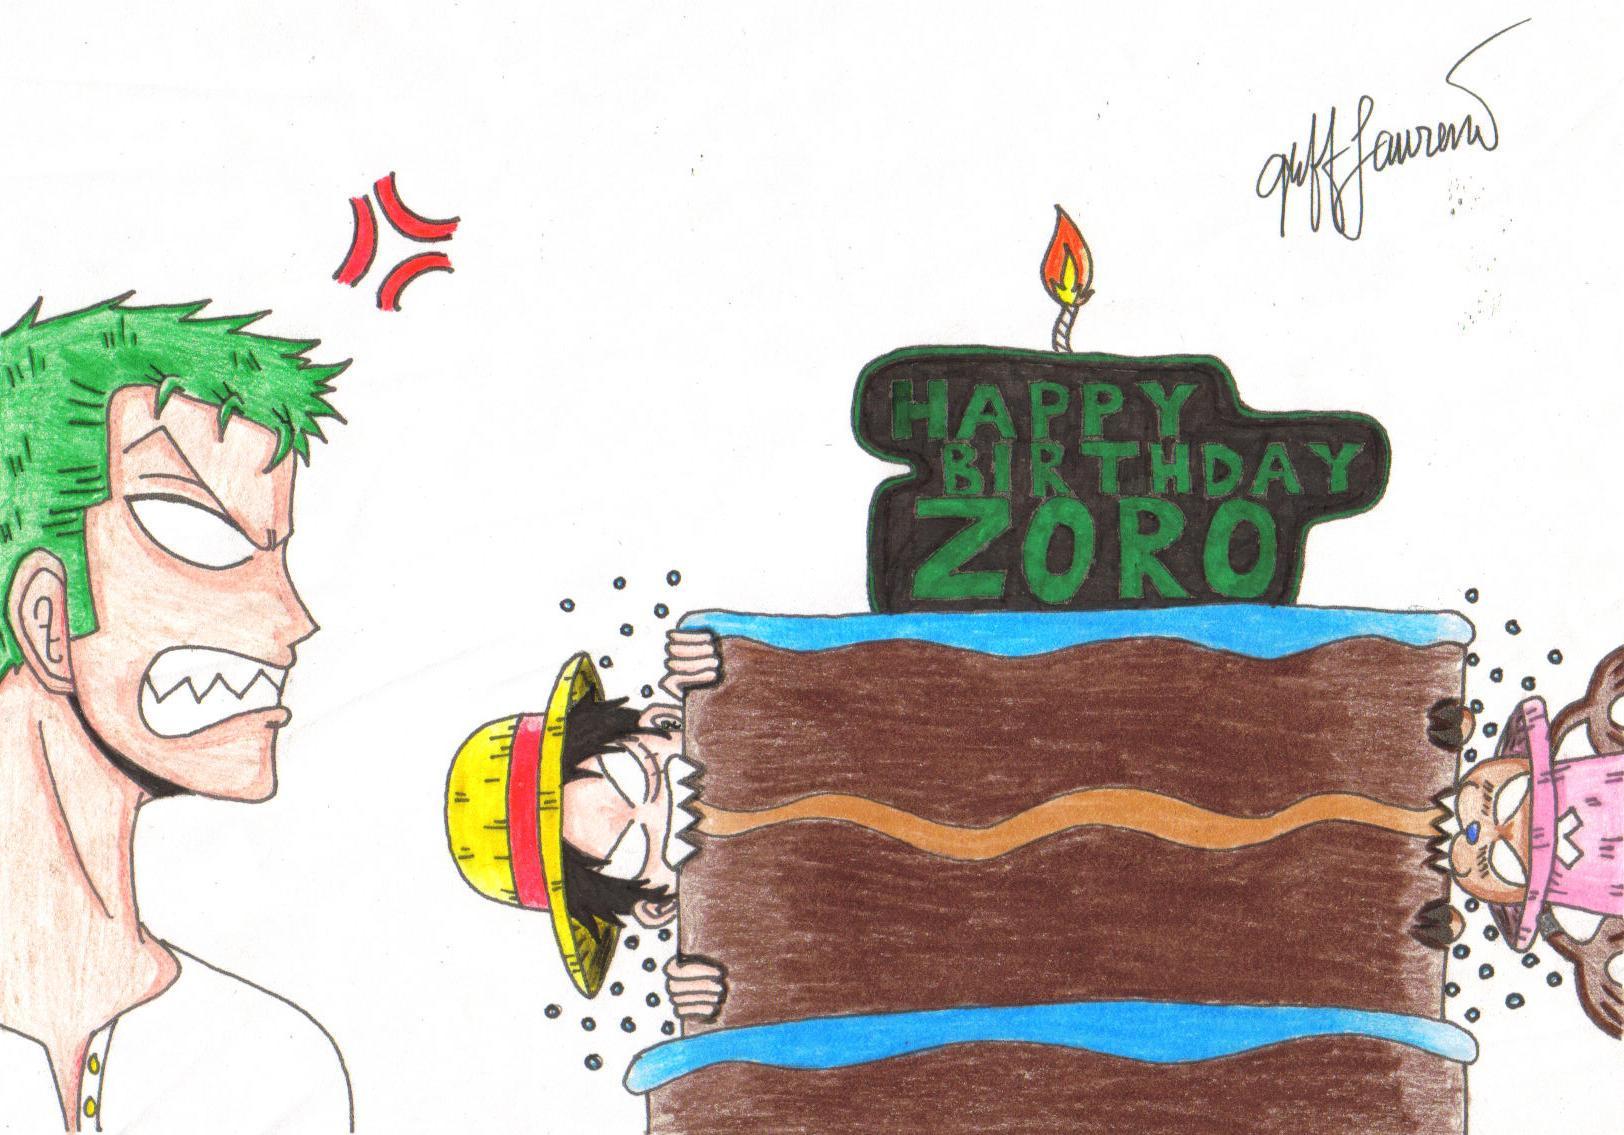 PUES QUE DECIR MAS QUE FELIZ CUMPLE ZORRO Happy_Birthday_Zoro_by_gbert15